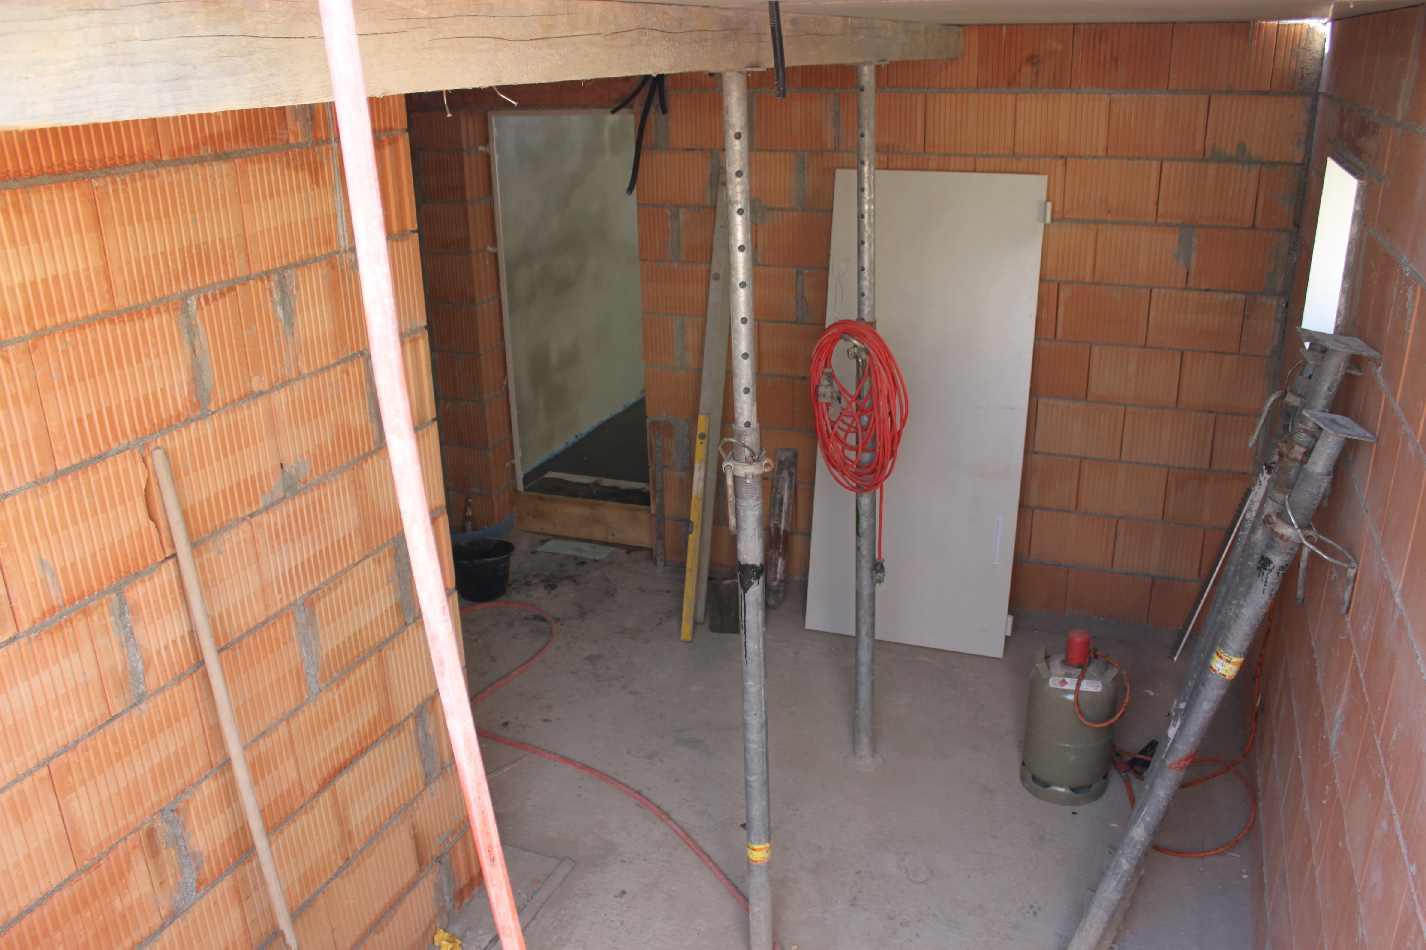 Hausbau mit Rensch: Tag 30 und der Keller ist fast fertig....